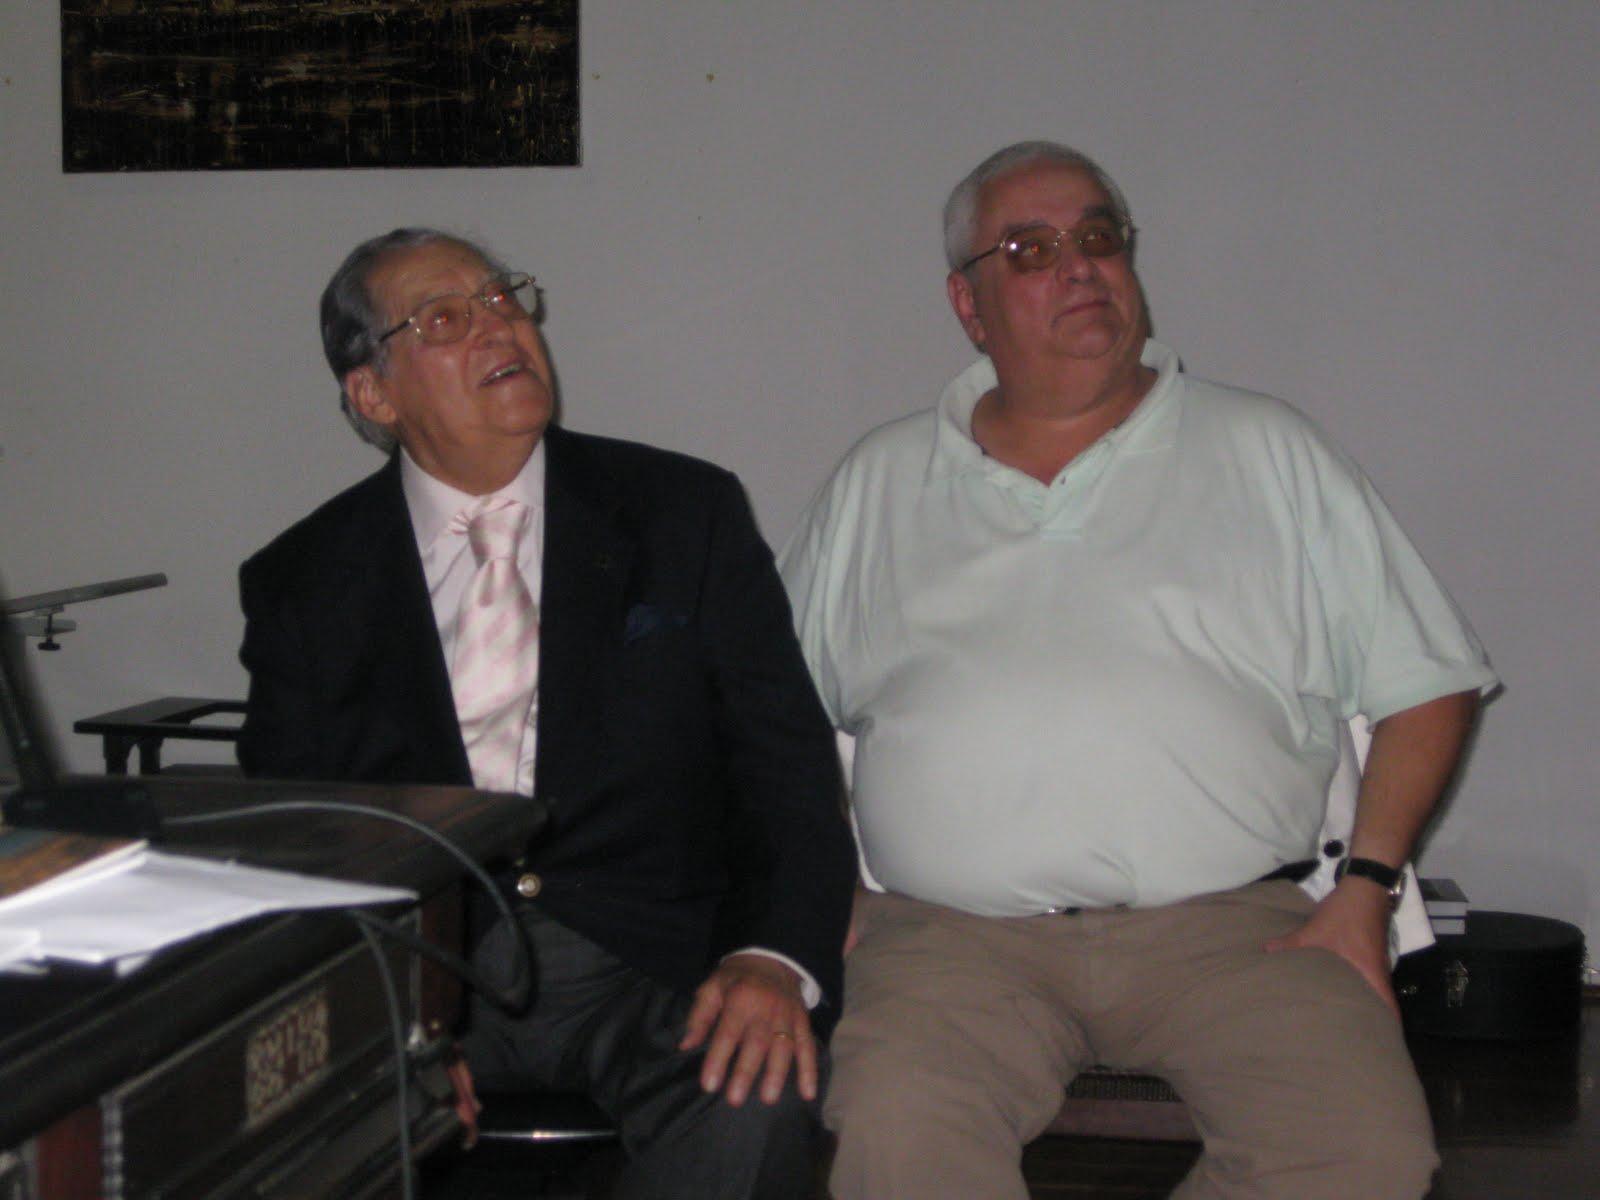 O Dr Augusto Camacho Vieira E Assistencia Tiveram Oportunidade De Ver Um Dvd Com Algumas Imagens E Cancoes Que O Seu Sobrinho